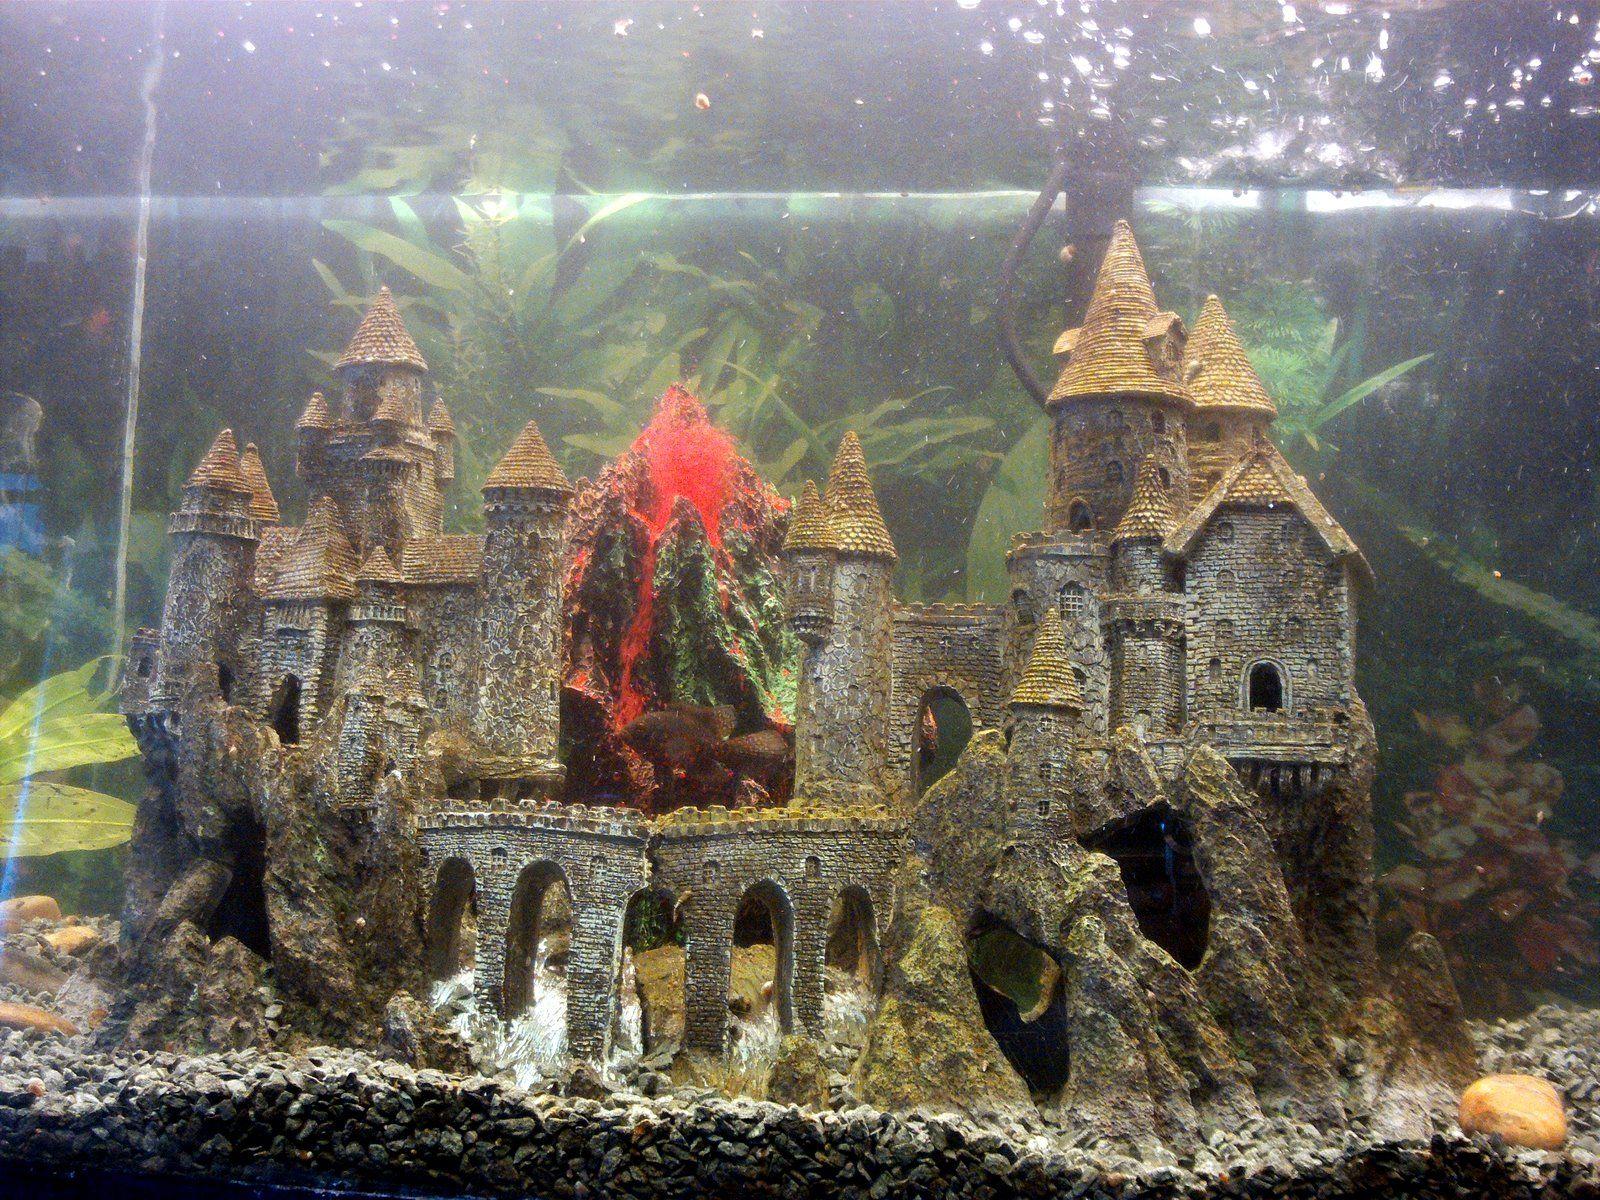 Mario Brothers Aquarium Decorations Fish Tank Setup Fish Tank Setups Pinterest Fish Tanks Fish